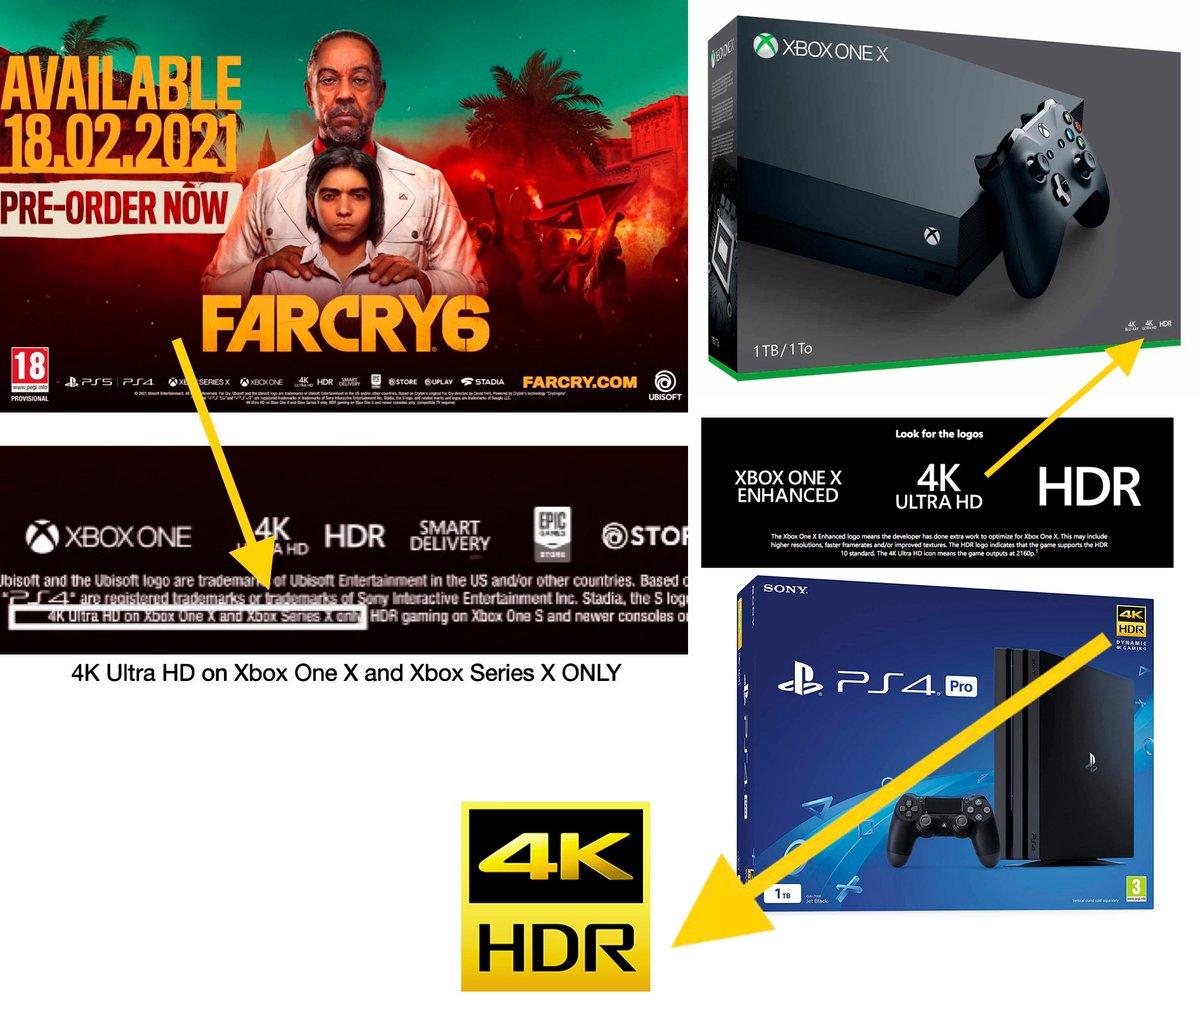 He visto varios twits diciendo que FarCry6 y otros juegos de Ubisoft solo irán a 4k HDR en One X y Series X y no en Ps5. Con ese razonamiento en pc y en Stadia tampoco ¿no? La letra pequeña solo hace referencia a los logos de propiedad de Xbox. Cada marca usa logos distintos. https://t.co/oLXnuVPV2c